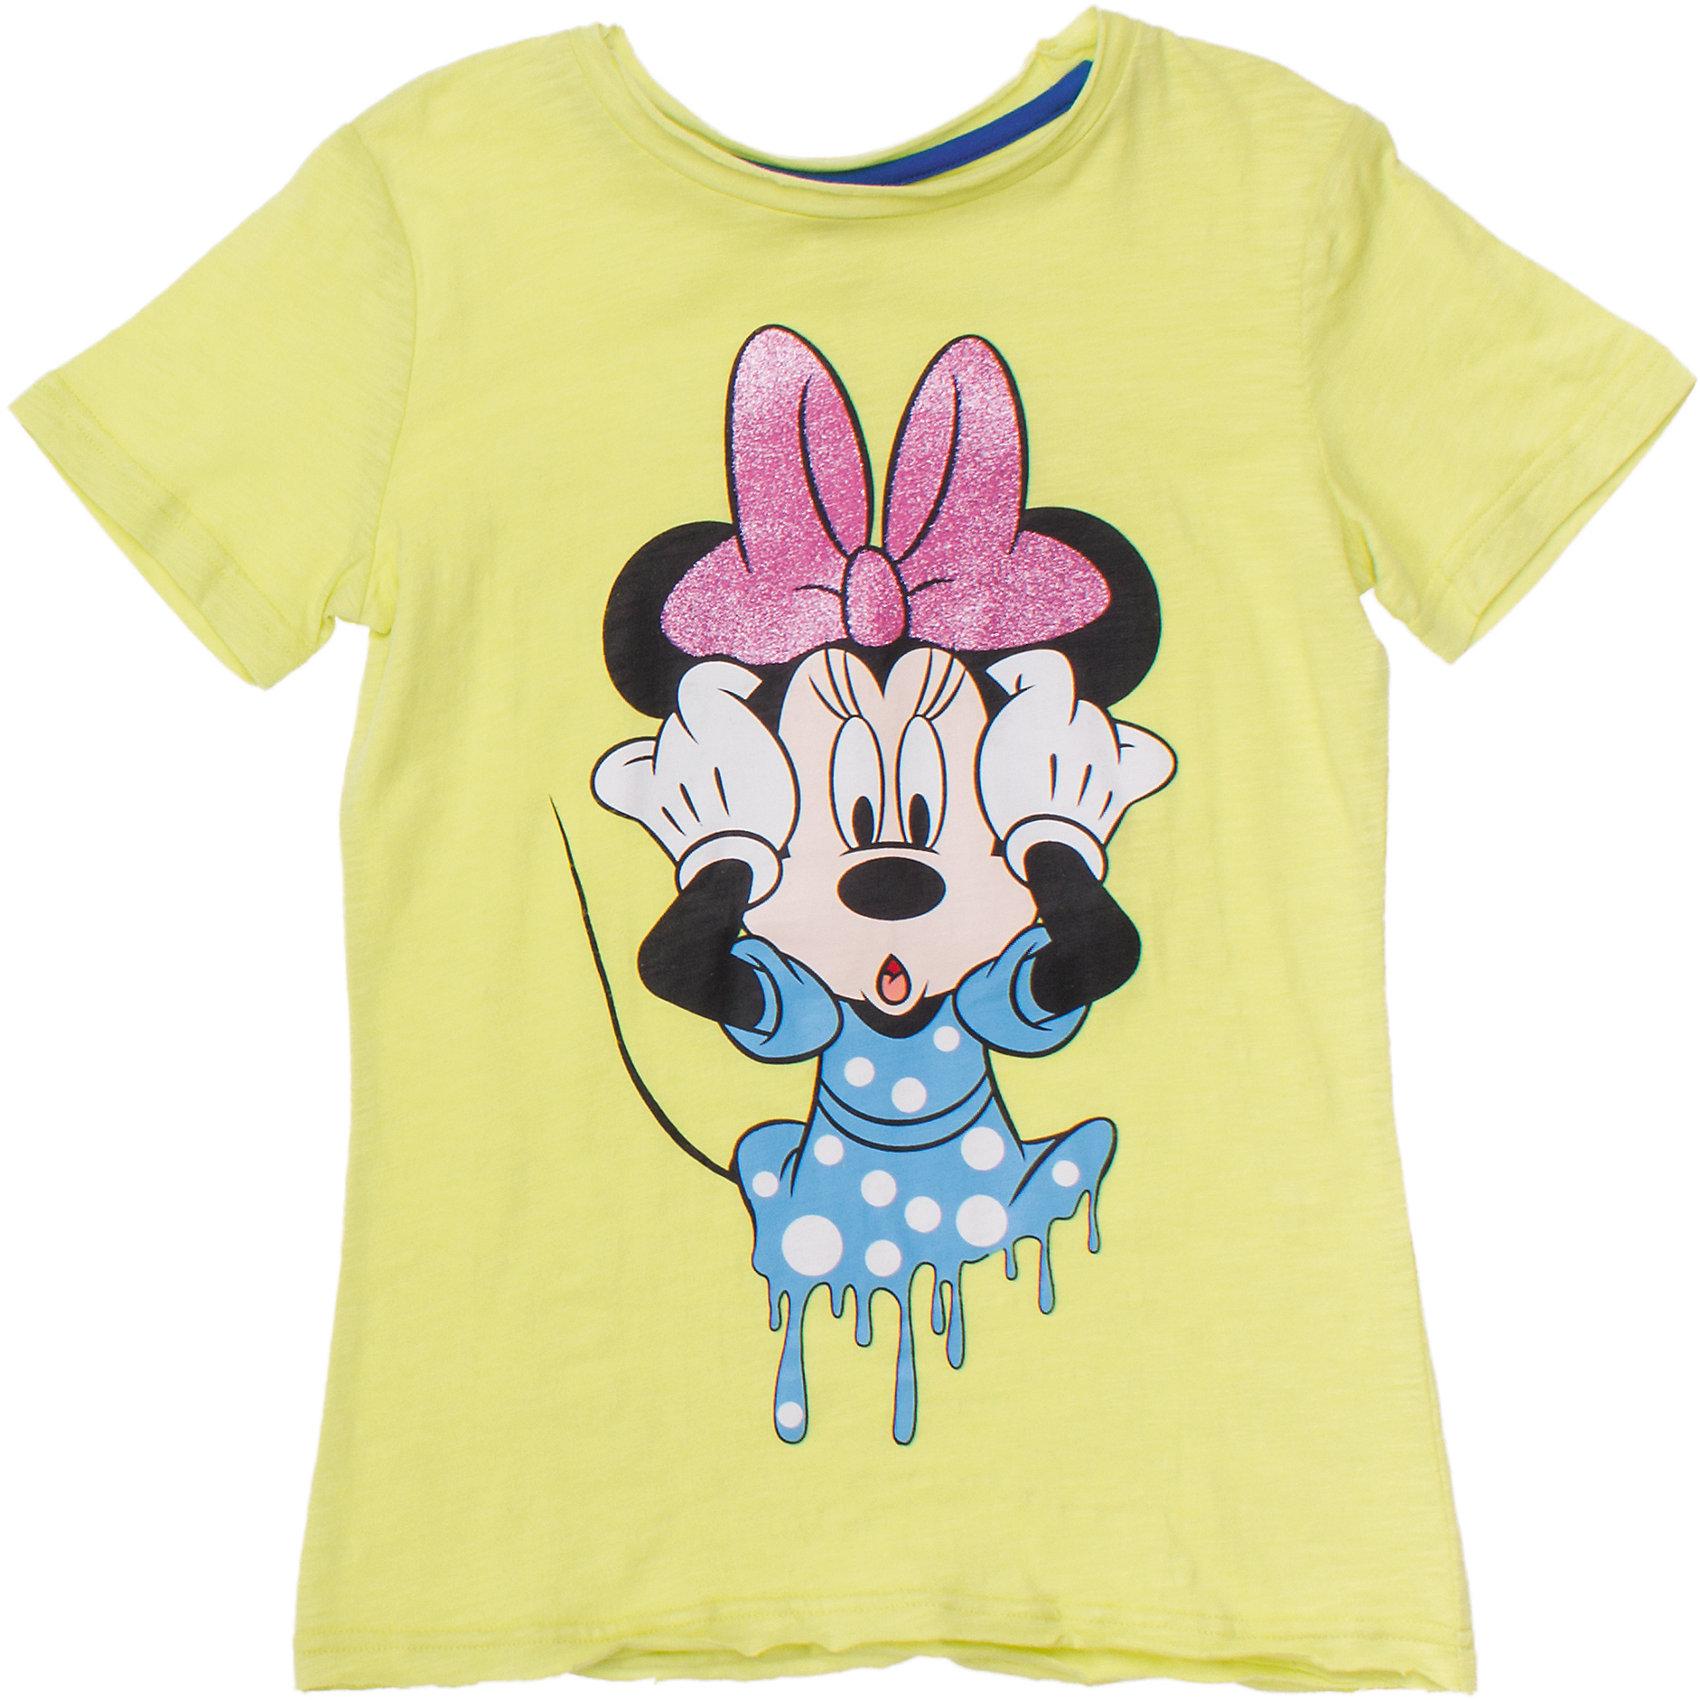 Футболка для девочки ScoolЛегкая хлопковая футболка лимонно-лаймового цвета. Украшена принтом с Минни-маус. Глиттерный бантик будет сверкать и переливаться на солнце. Состав: 100% хлопок<br><br>Ширина мм: 199<br>Глубина мм: 10<br>Высота мм: 161<br>Вес г: 151<br>Цвет: зеленый<br>Возраст от месяцев: 96<br>Возраст до месяцев: 108<br>Пол: Женский<br>Возраст: Детский<br>Размер: 134,158,140,146,152,164<br>SKU: 4652933